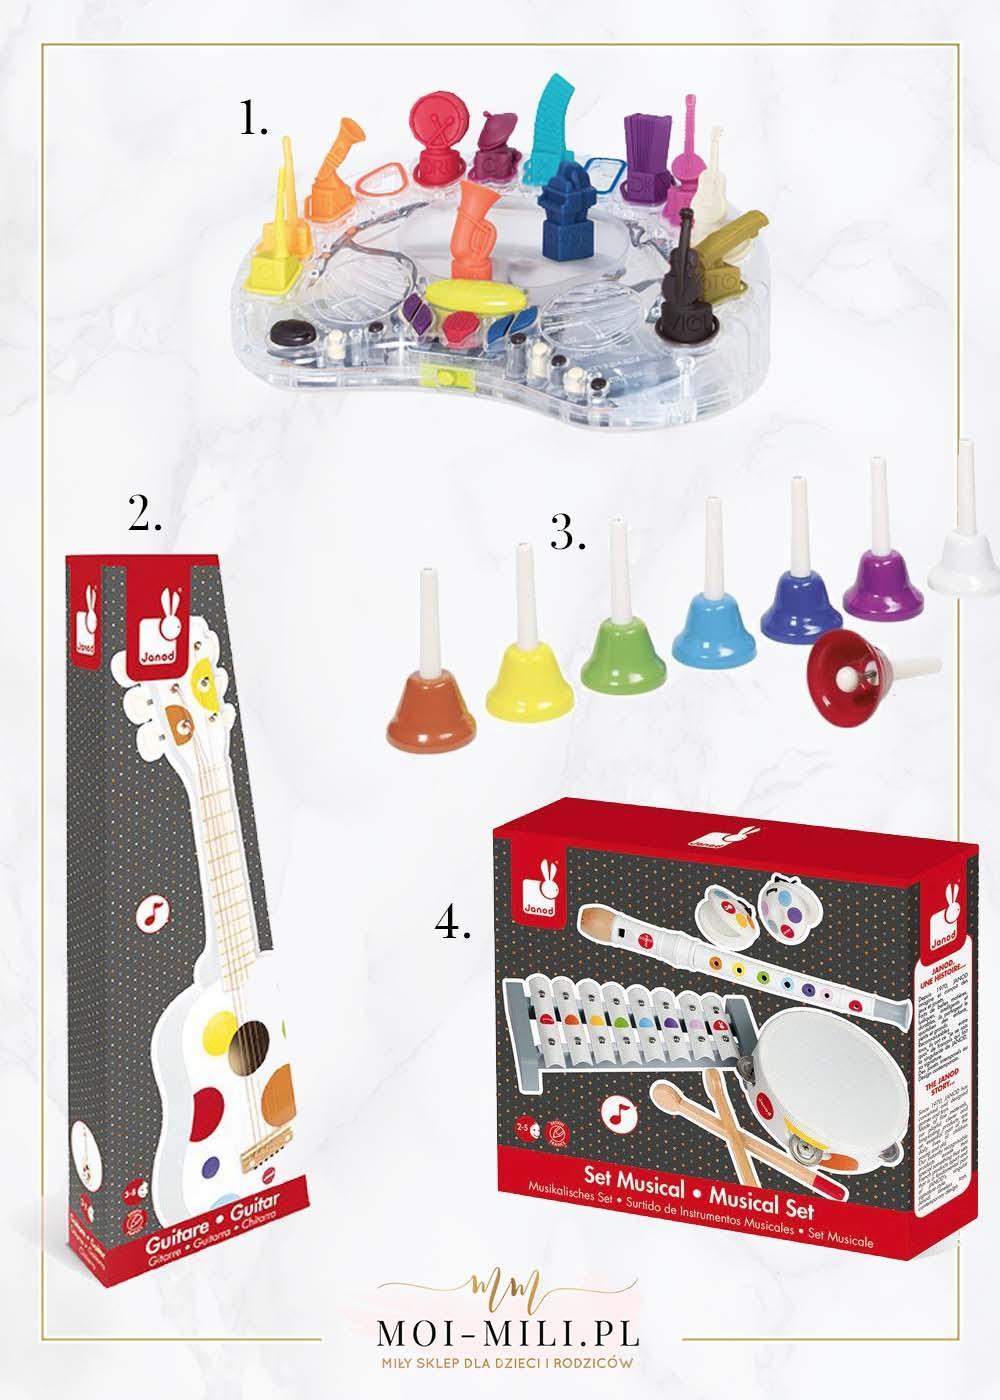 Zabawki muzyczne to świetny pomysł na prezent dla 5 latka.